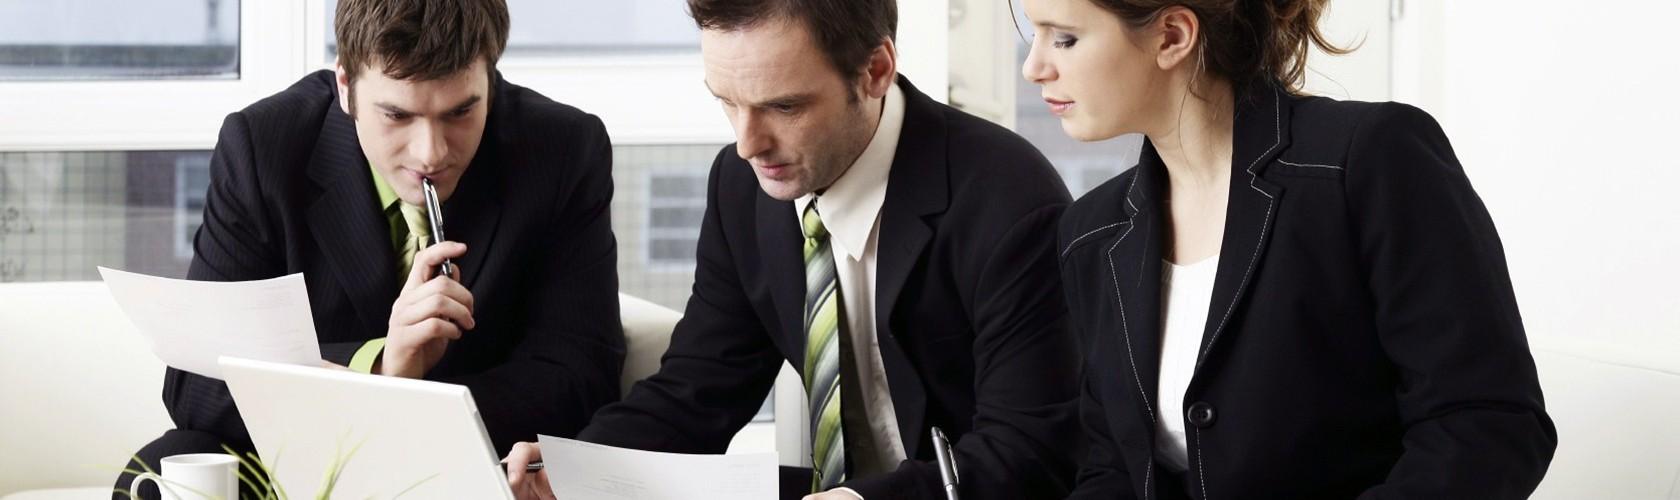 Consilierea în carieră